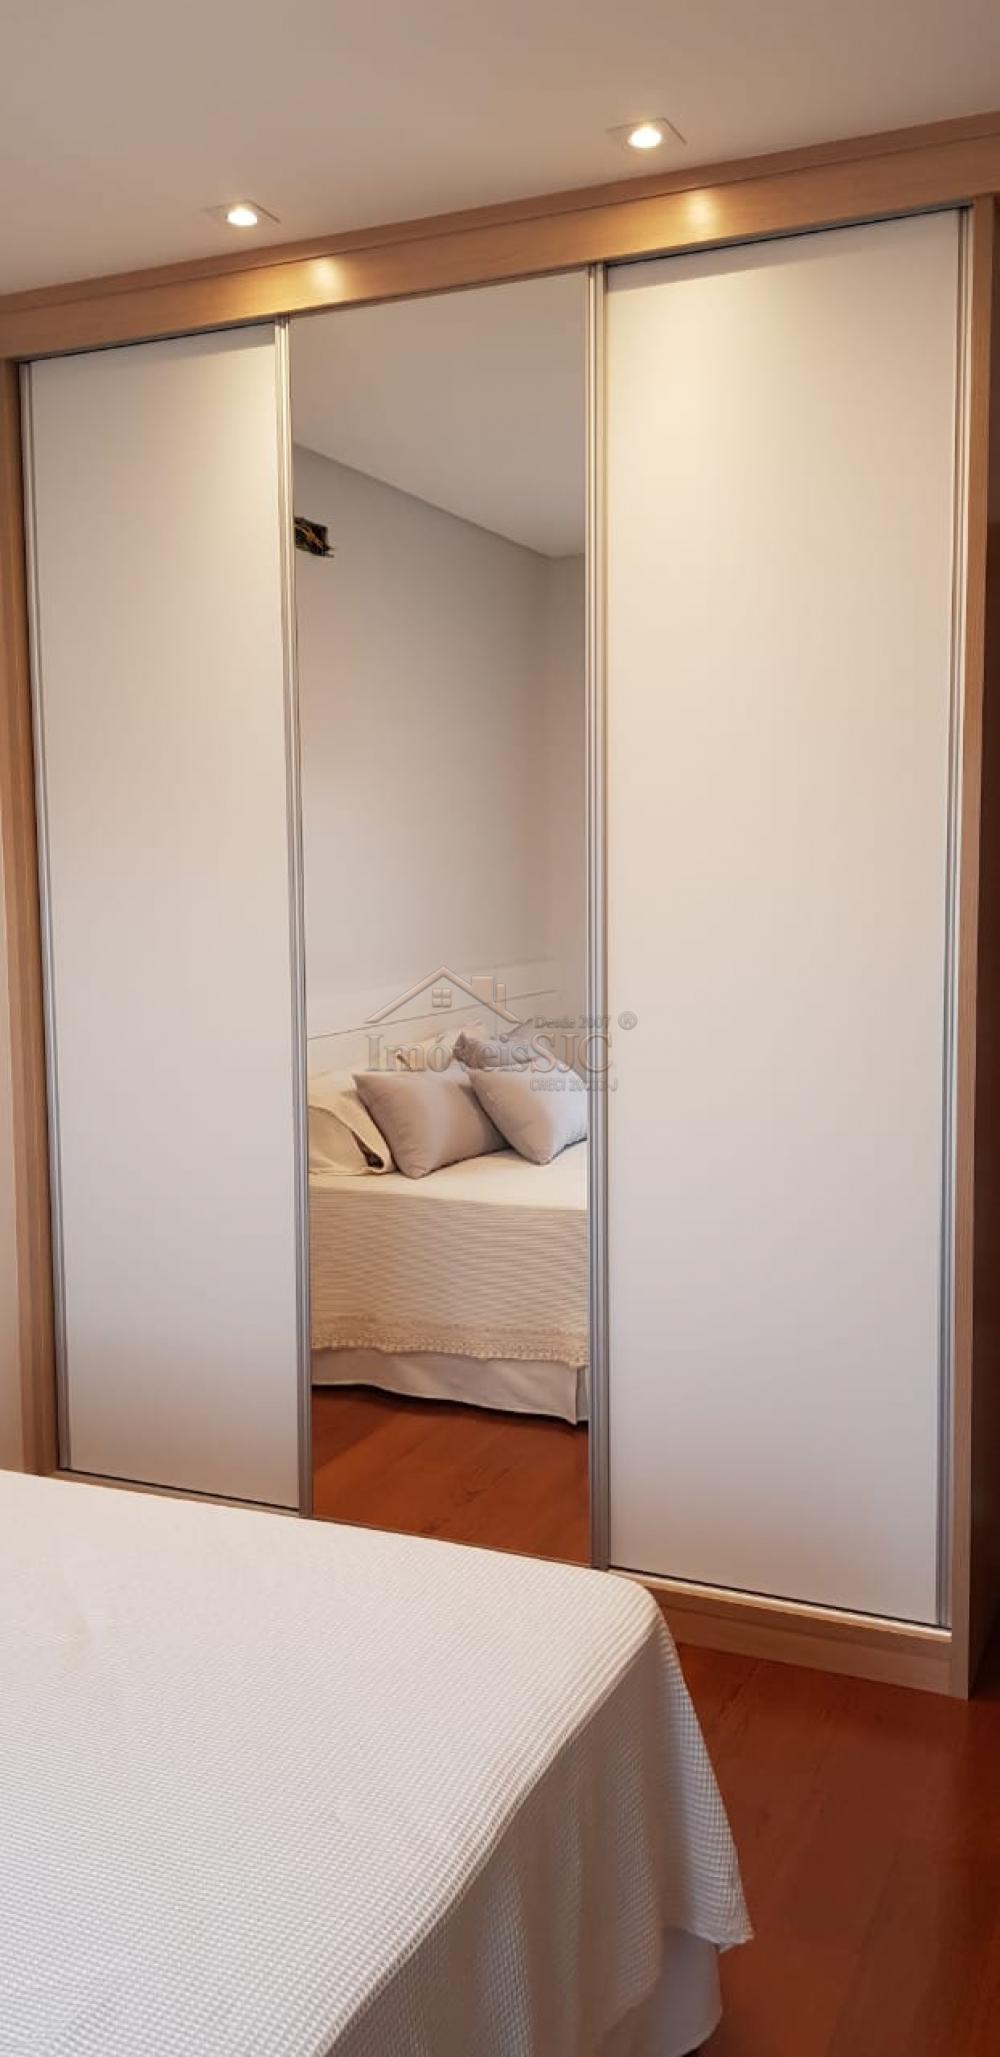 Comprar Casas / Condomínio em São José dos Campos apenas R$ 1.295.000,00 - Foto 19